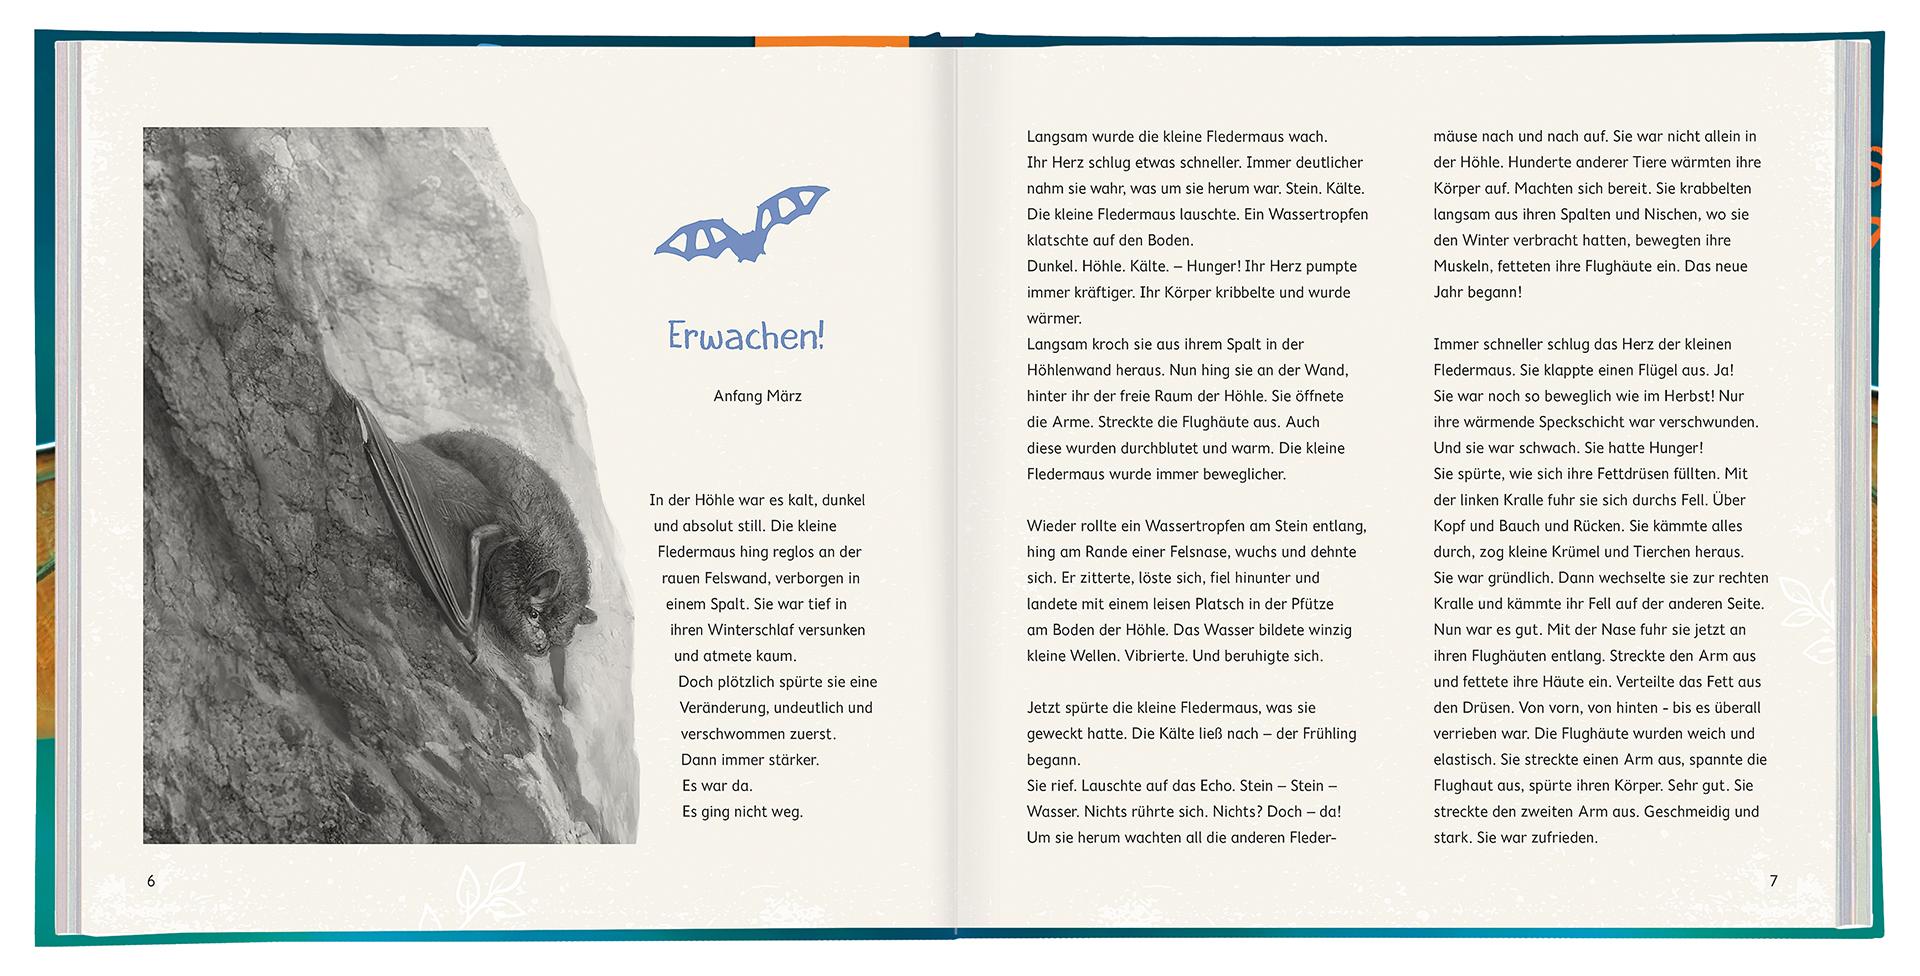 WILD! Die Fledermaus – Beispielseiten 6 und 7